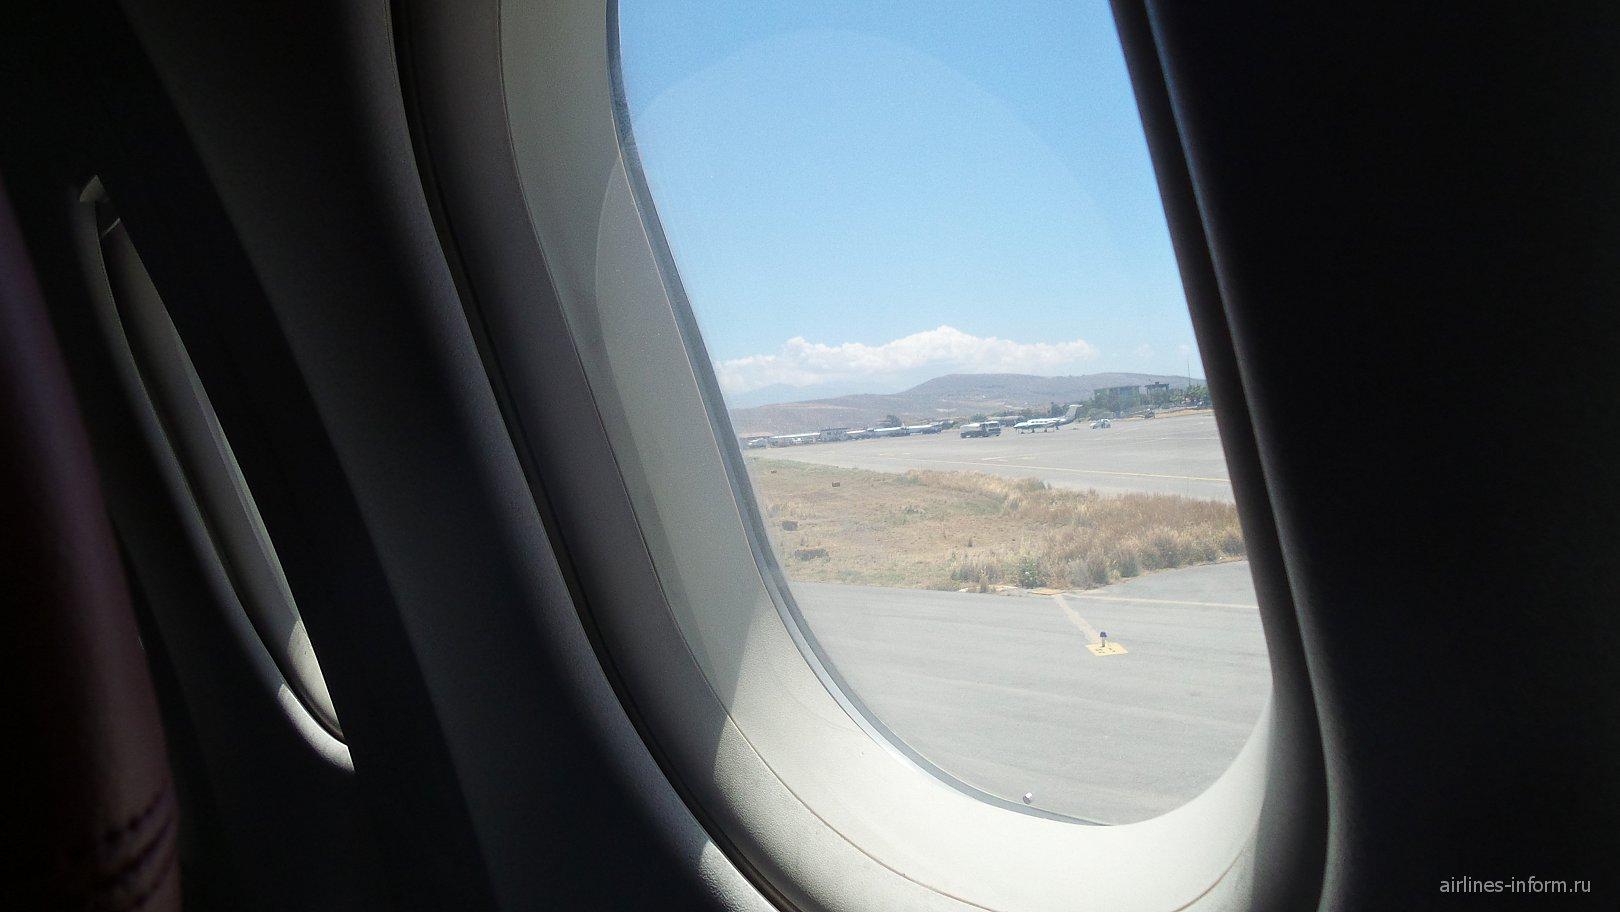 Из солнечного Ираклиона в дождливый Нижний. Часть 2. Нордвинд - лучшая чартерная авиакомпания в мире.